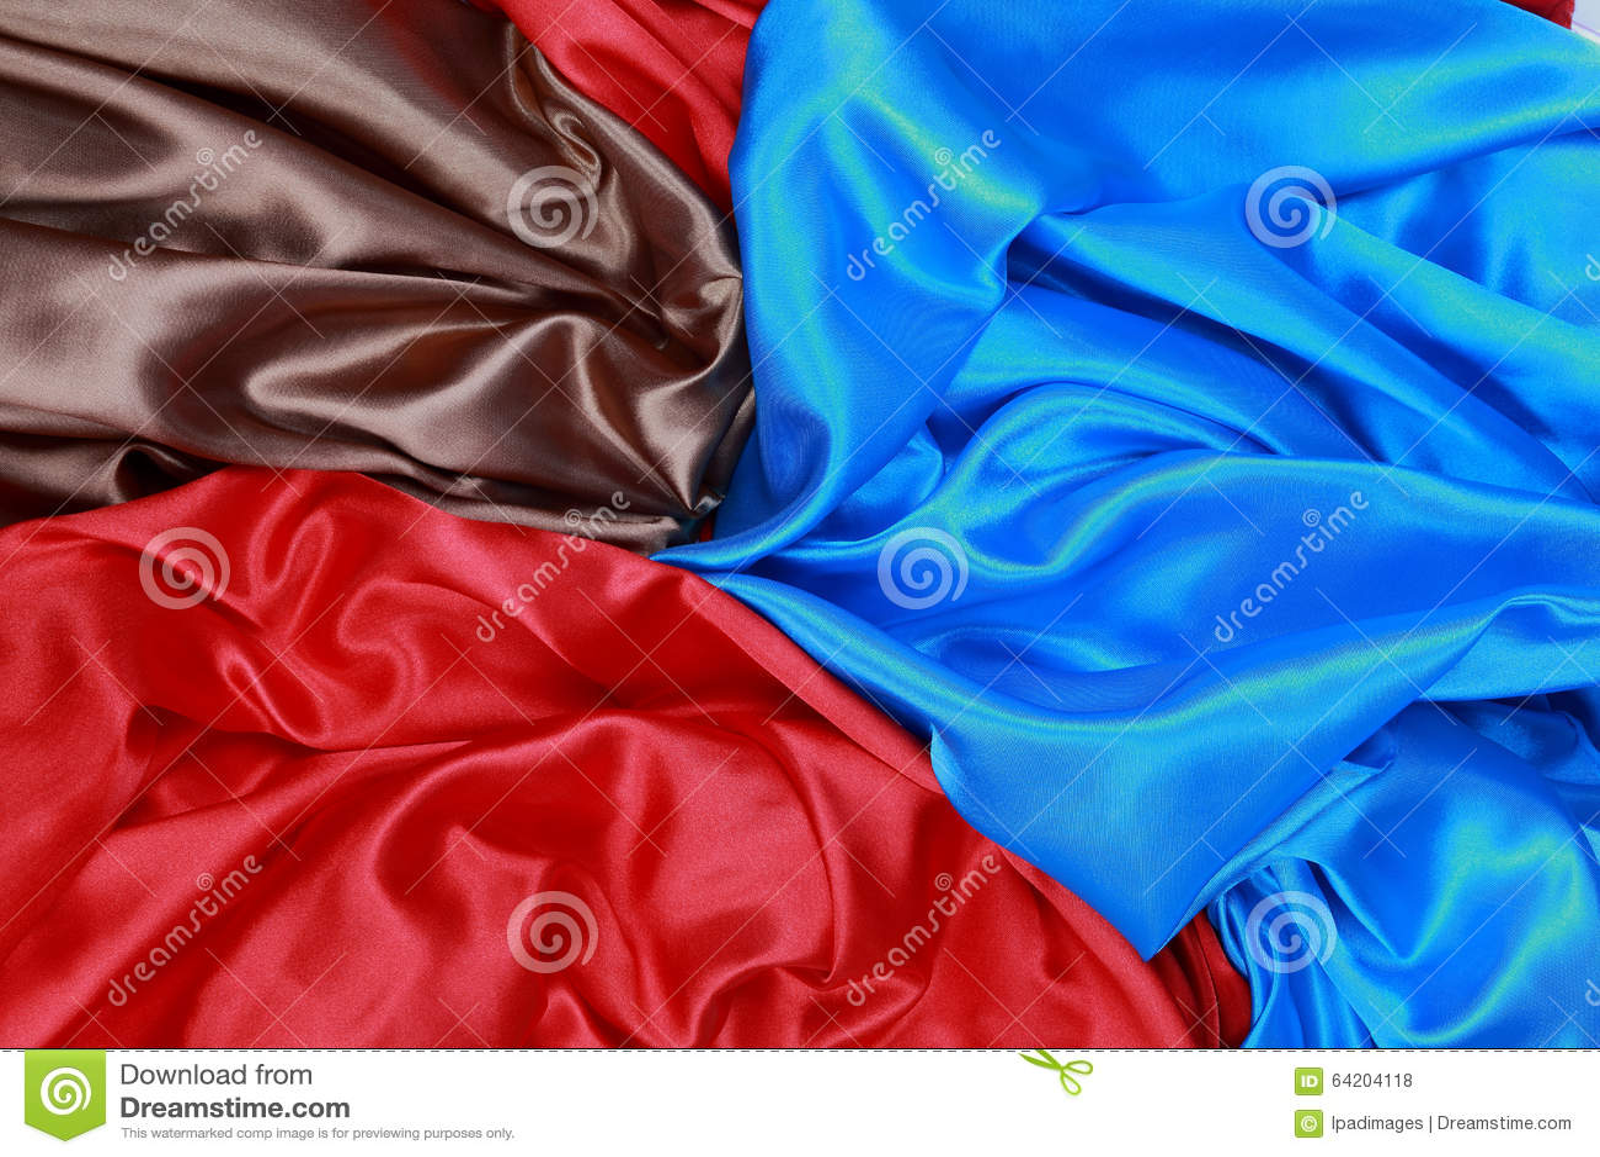 El paño de seda azul y marrón y rojo del satén de dobleces ondulados texturiza vagos